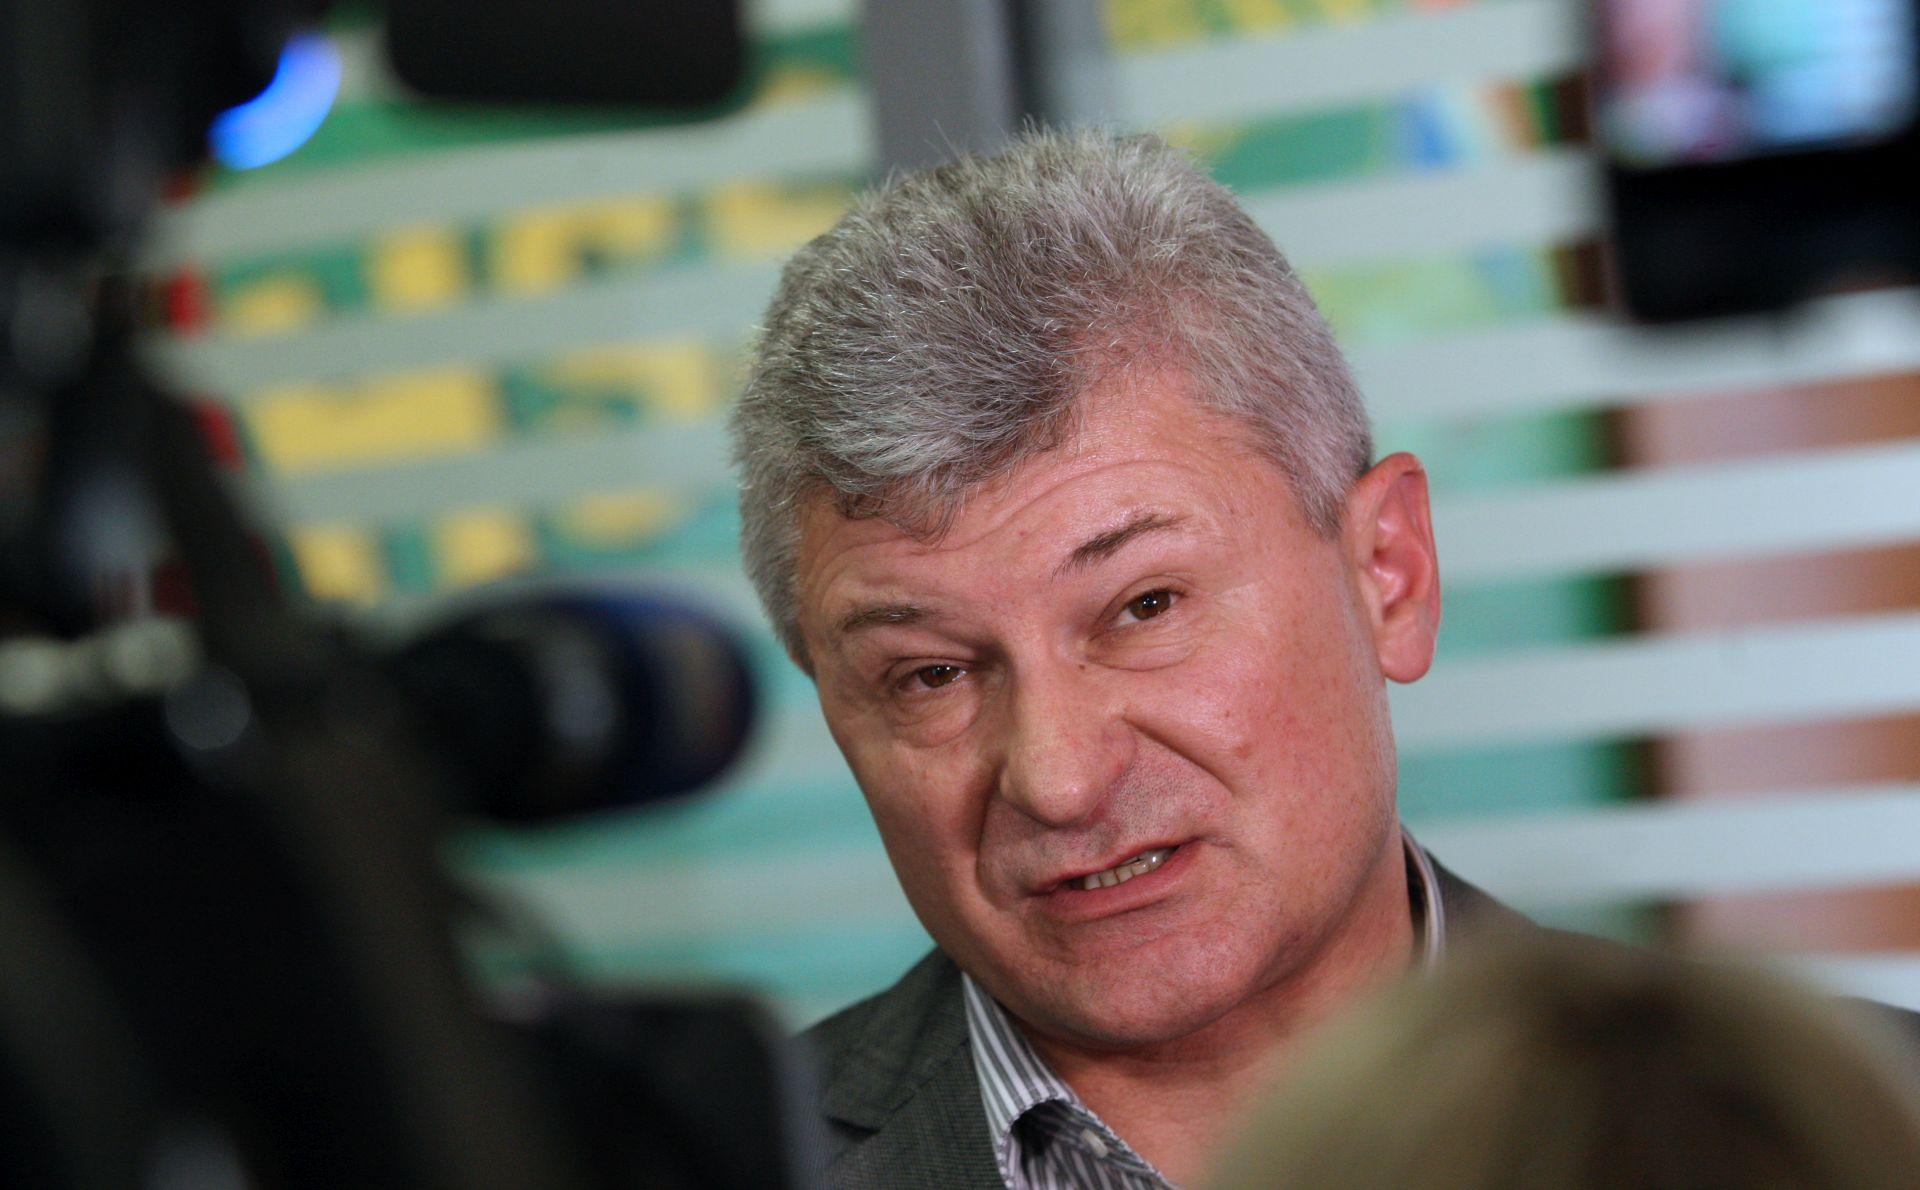 Hrg više nije predsjednik HSS-a, u drugom krugu Beljak i Matić